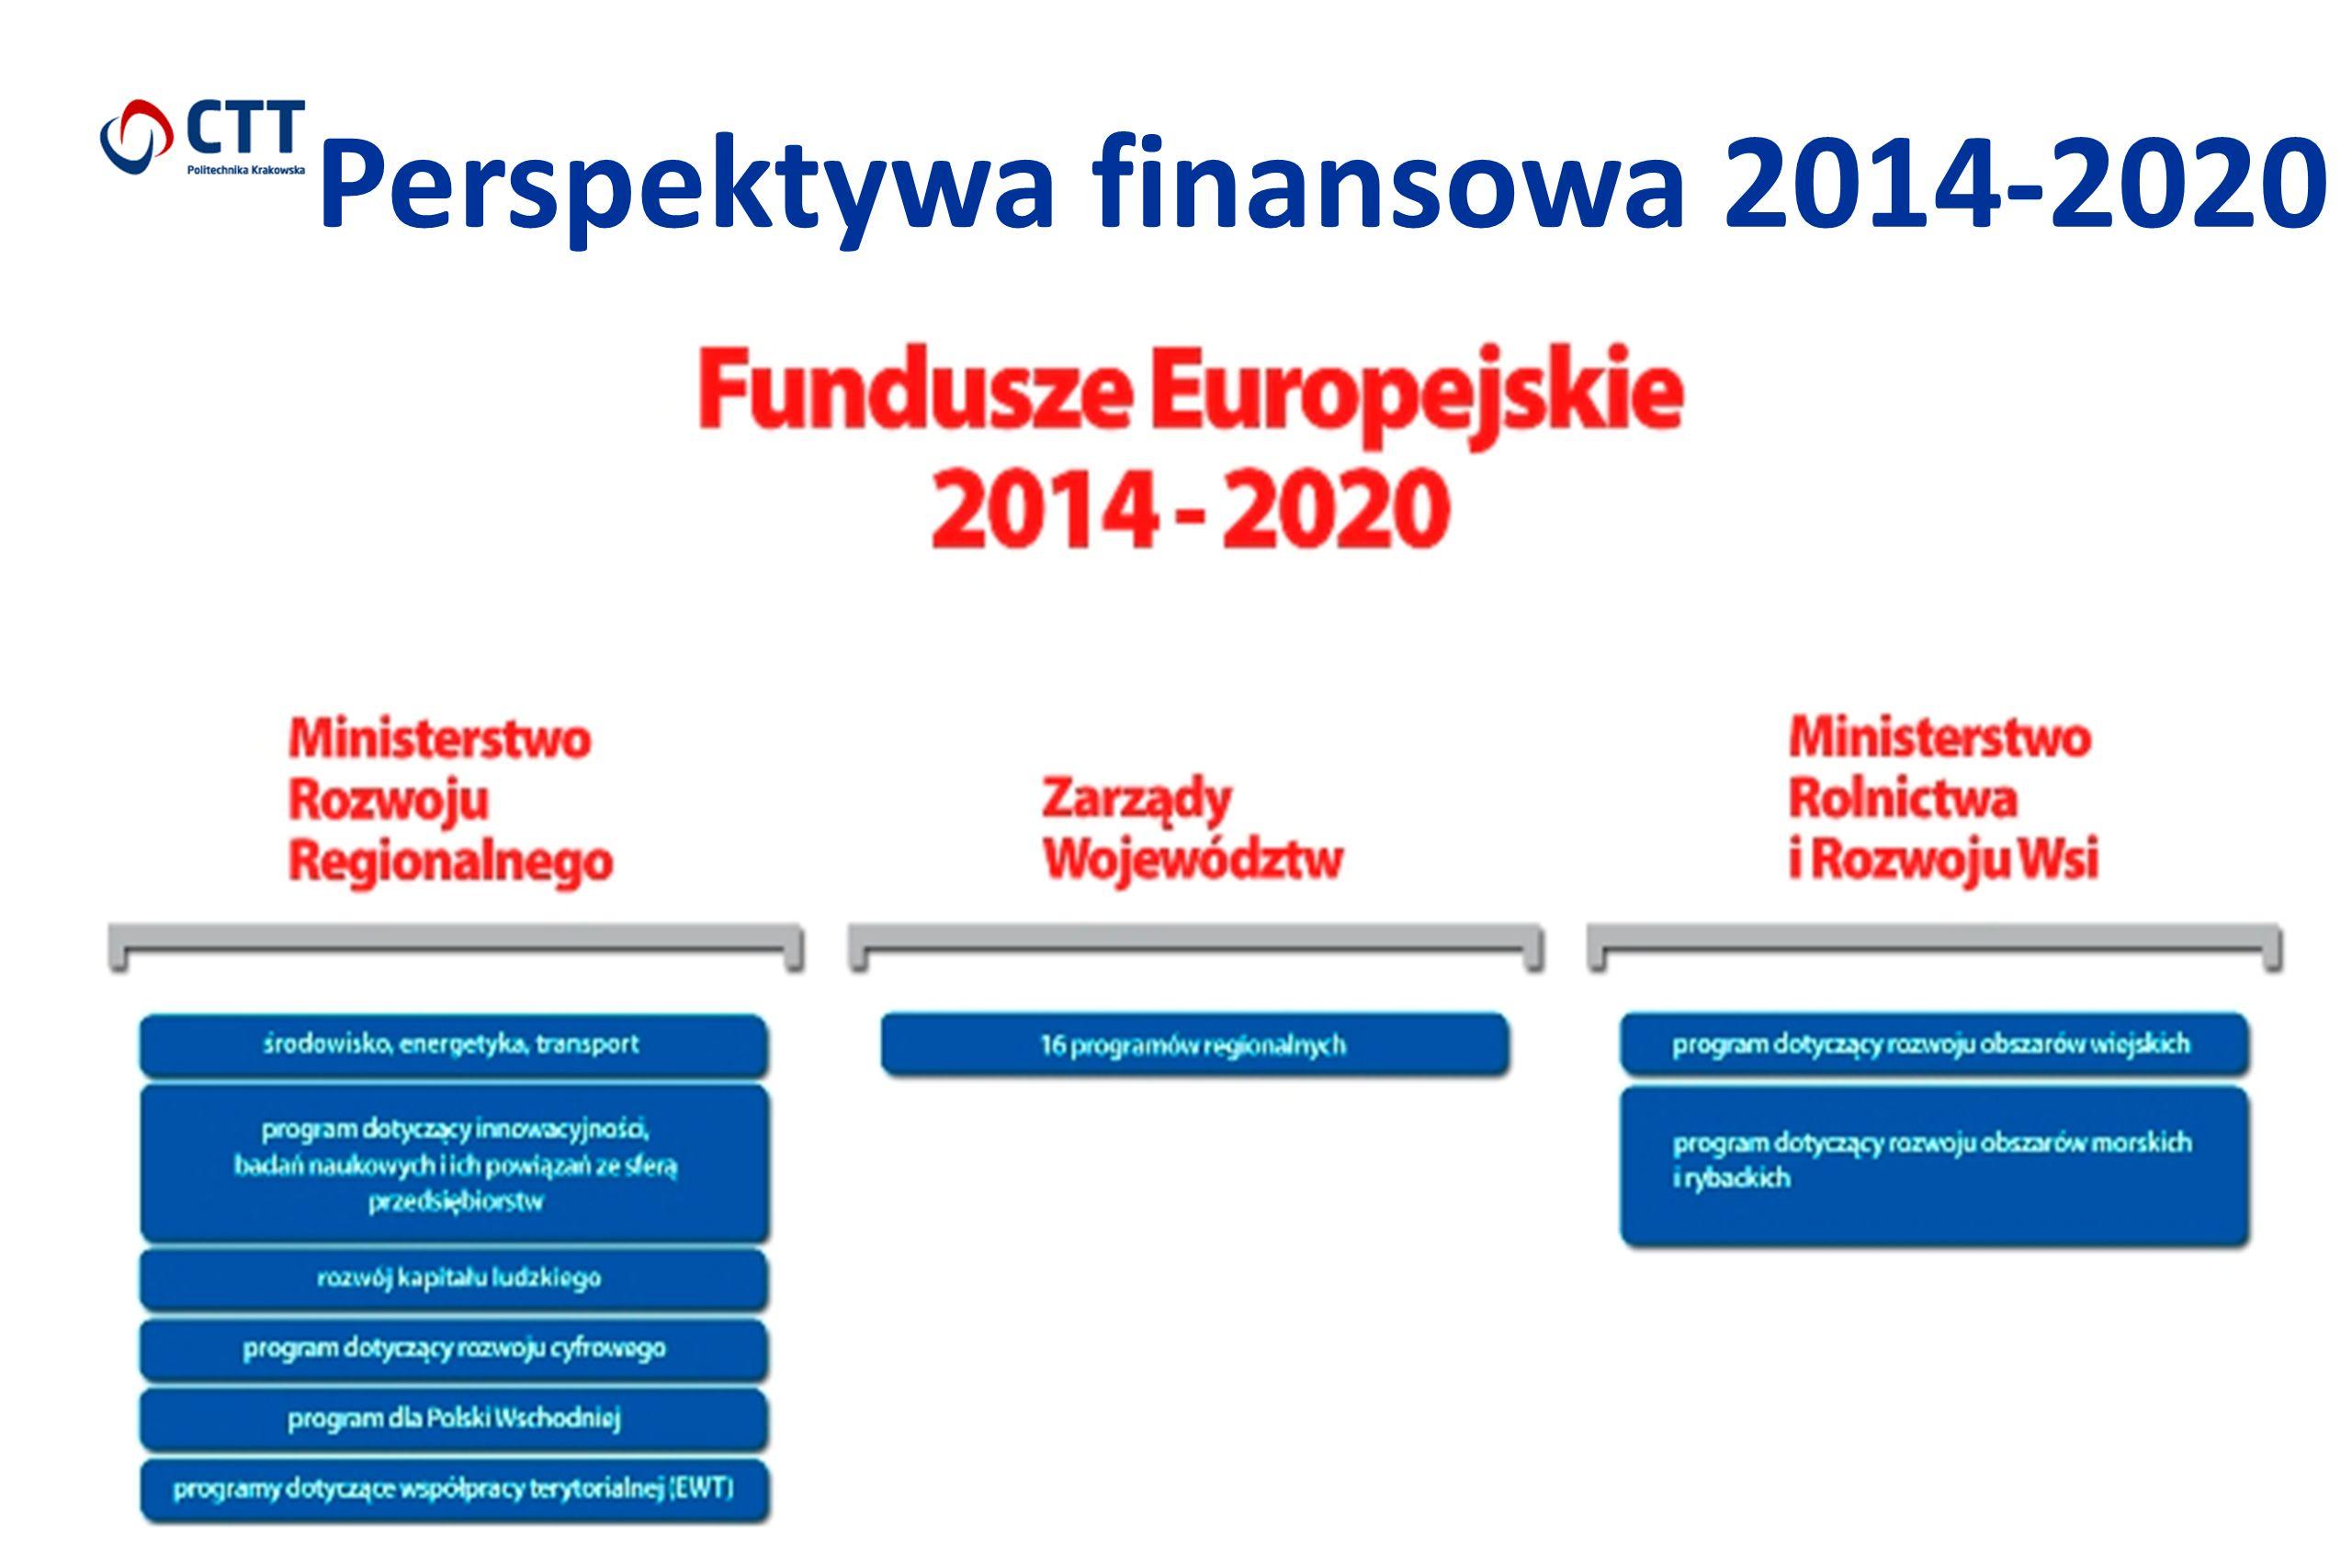 Perspektywa finansowa 2014-2020